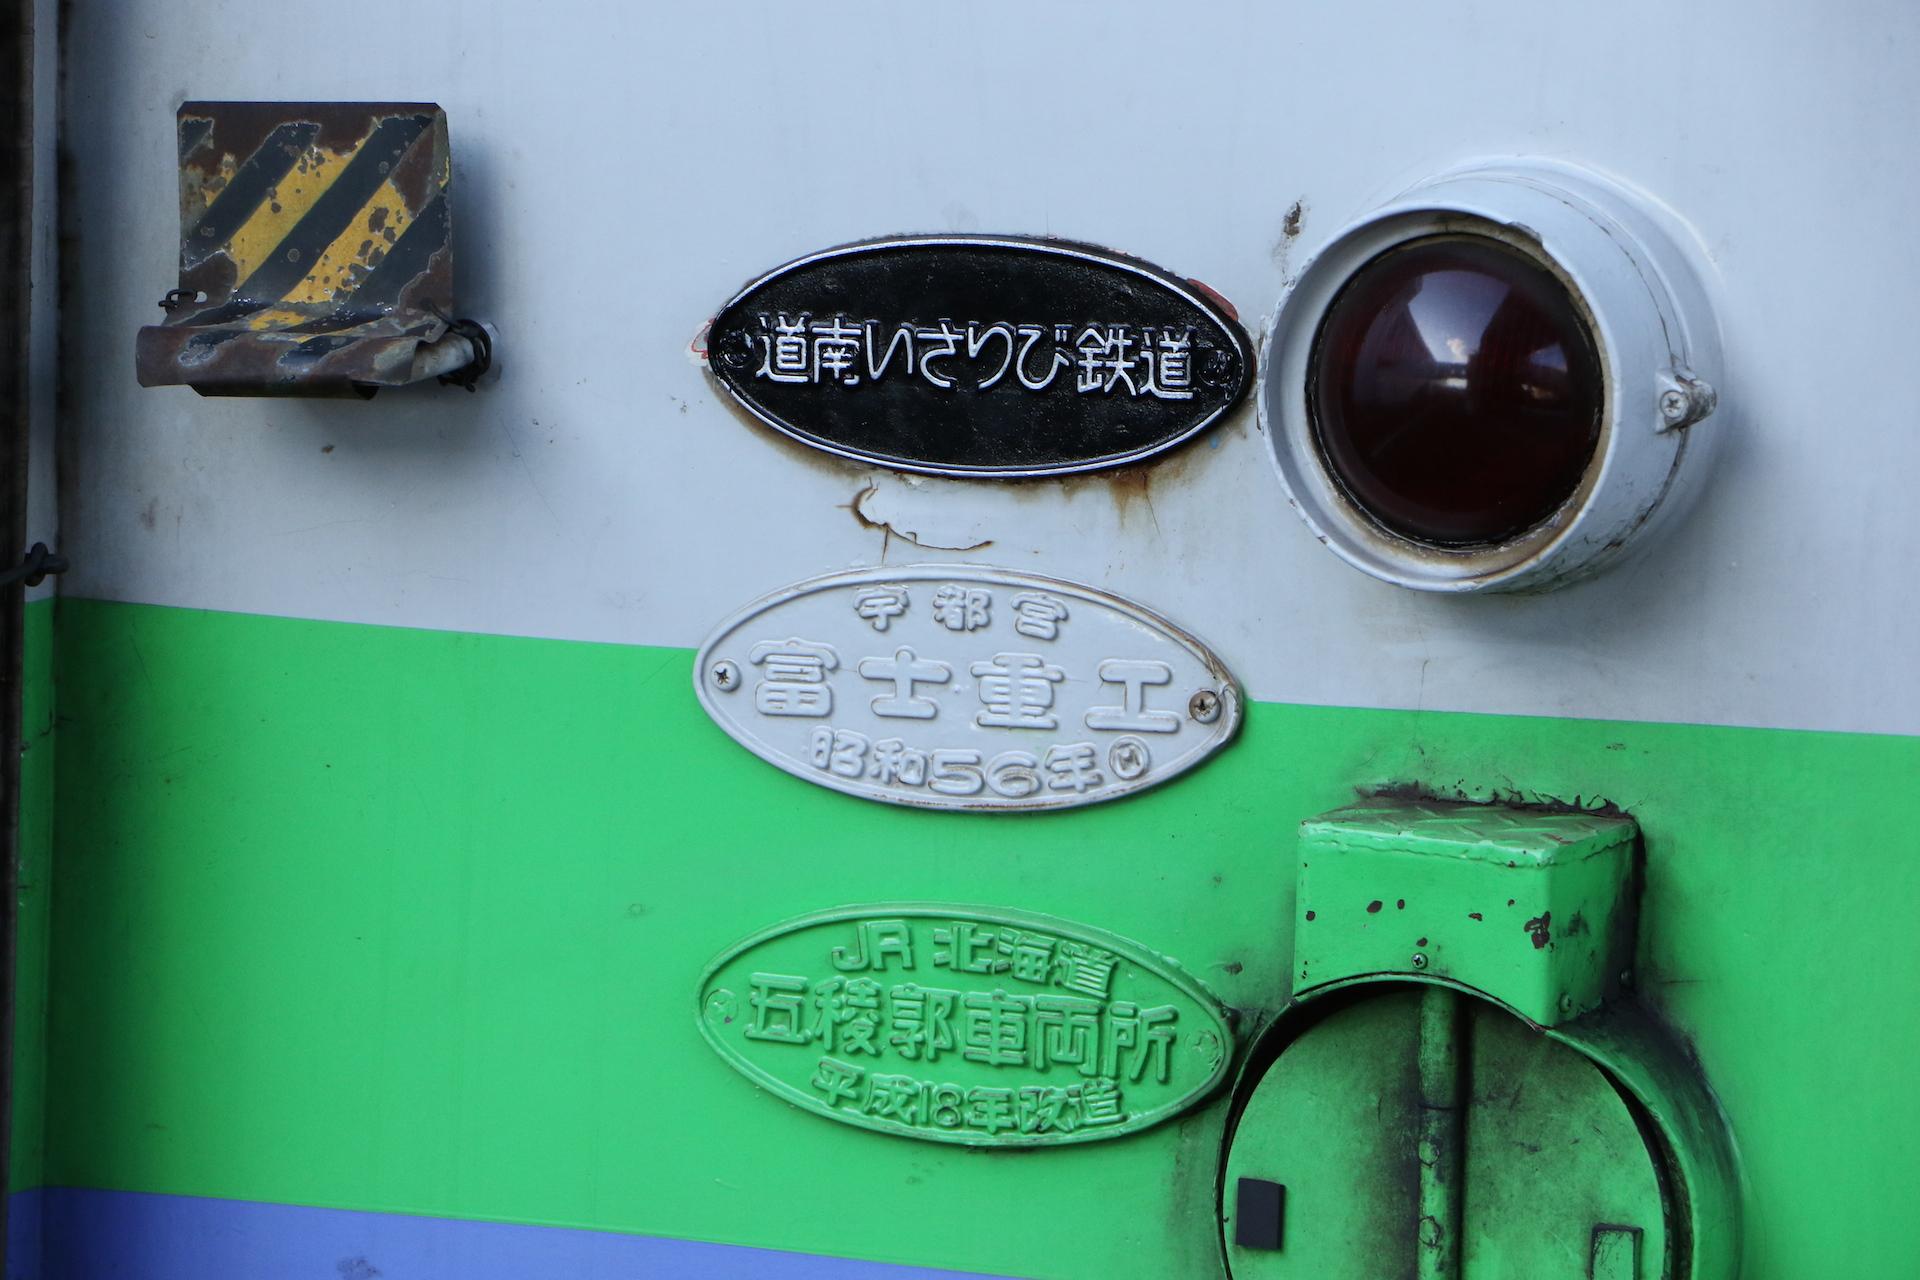 【スバル】富士重工業株式会社【太田市】 [無断転載禁止]©2ch.netYouTube動画>29本 ->画像>61枚